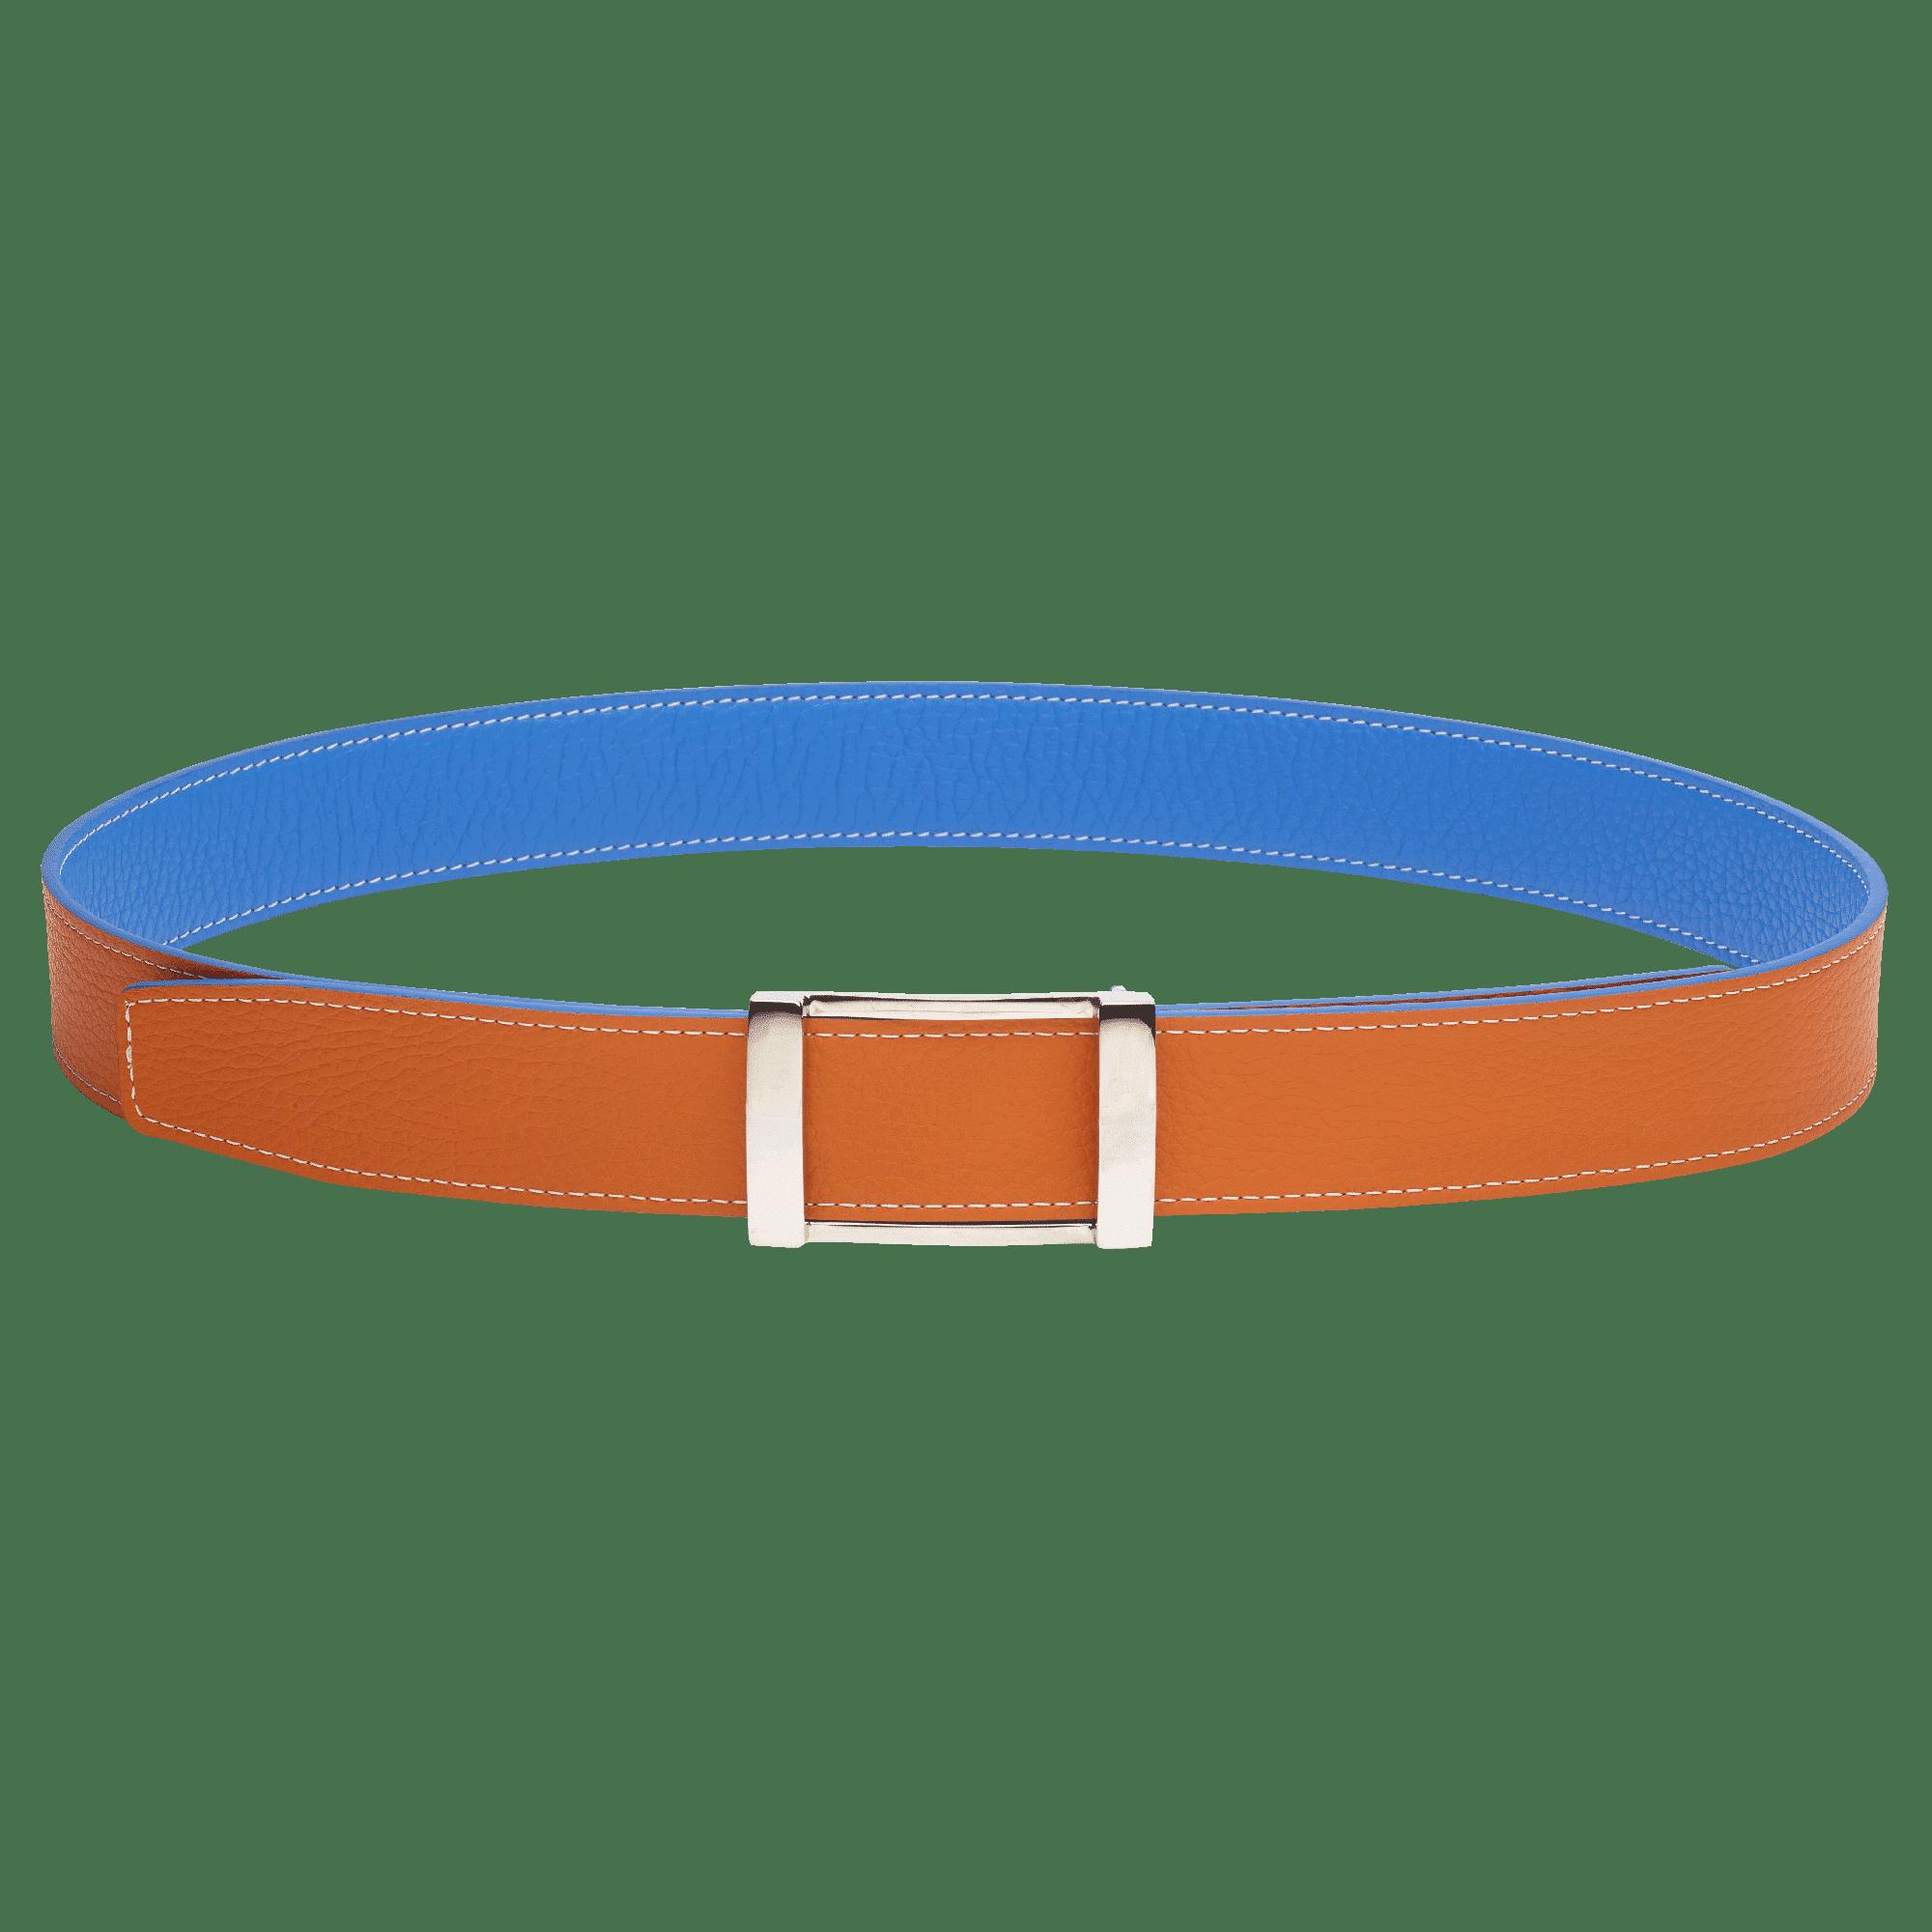 ceinture réversible en cuir bleu et orange